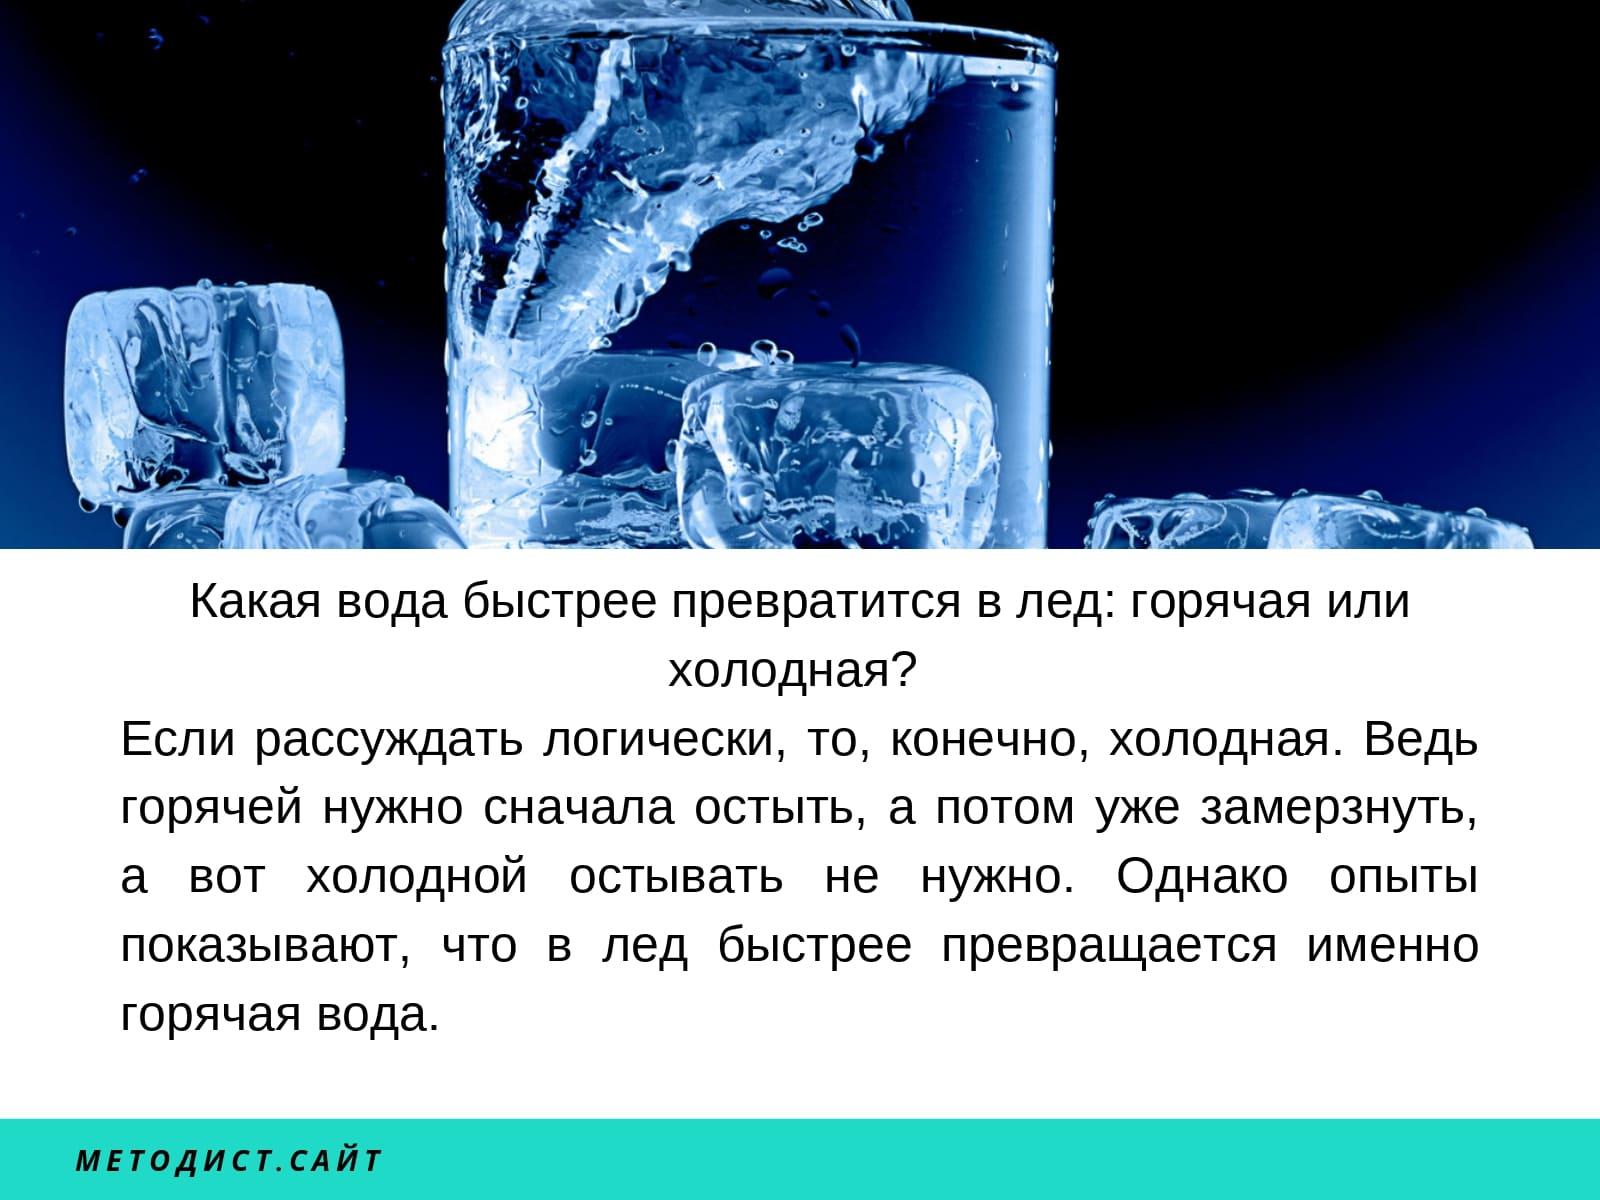 Какая вода быстрее превратиться в лёд: горячая или холодная?